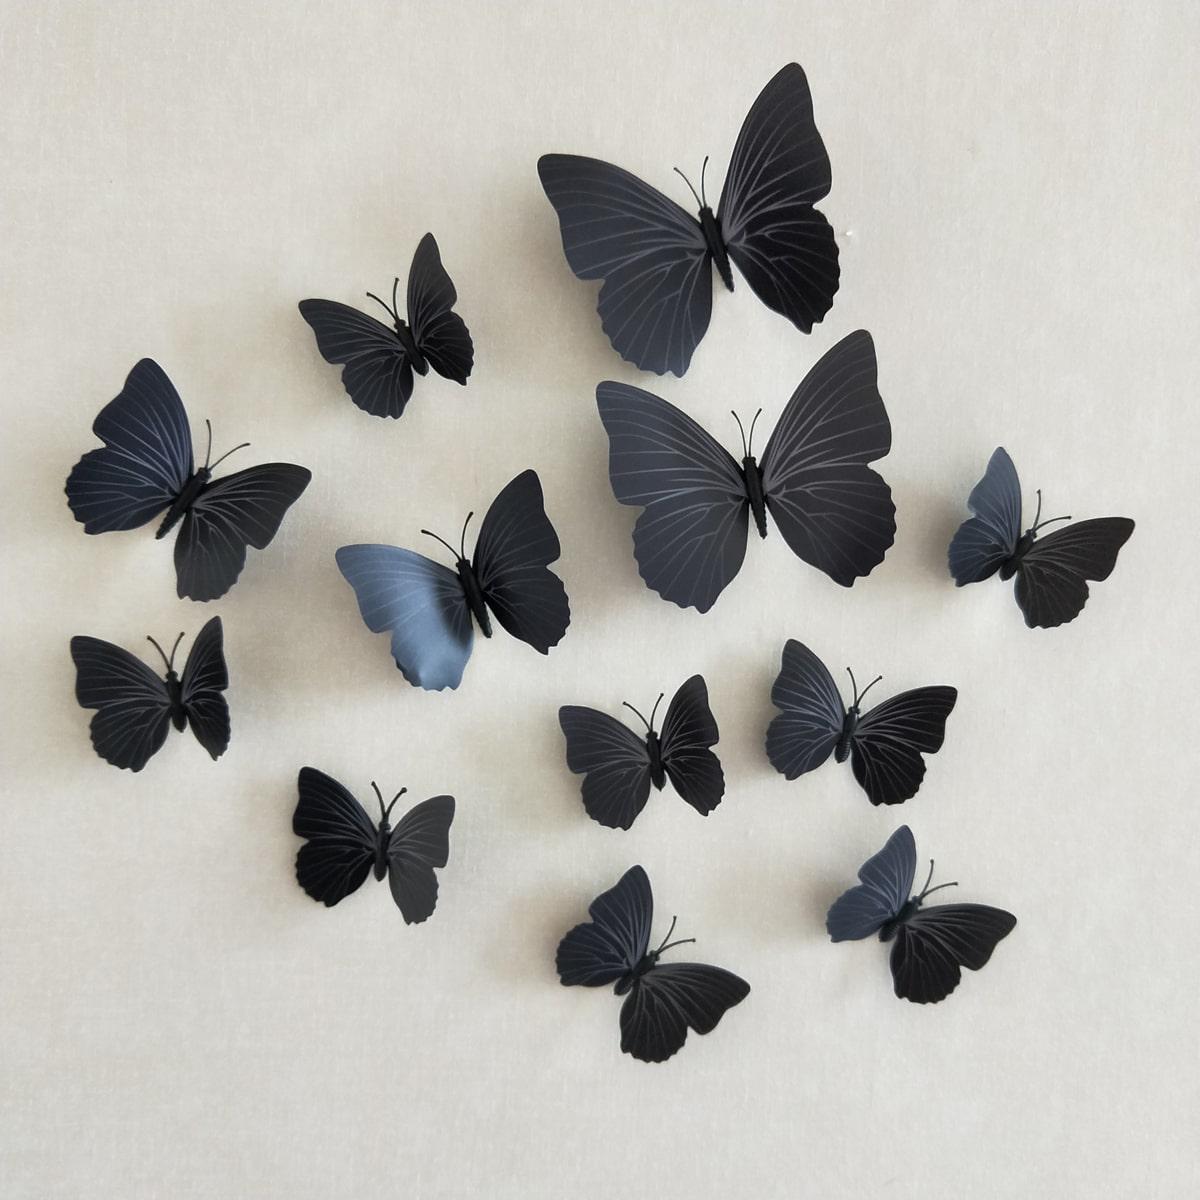 Наклейка на стену с бабочкой 3D 12шт